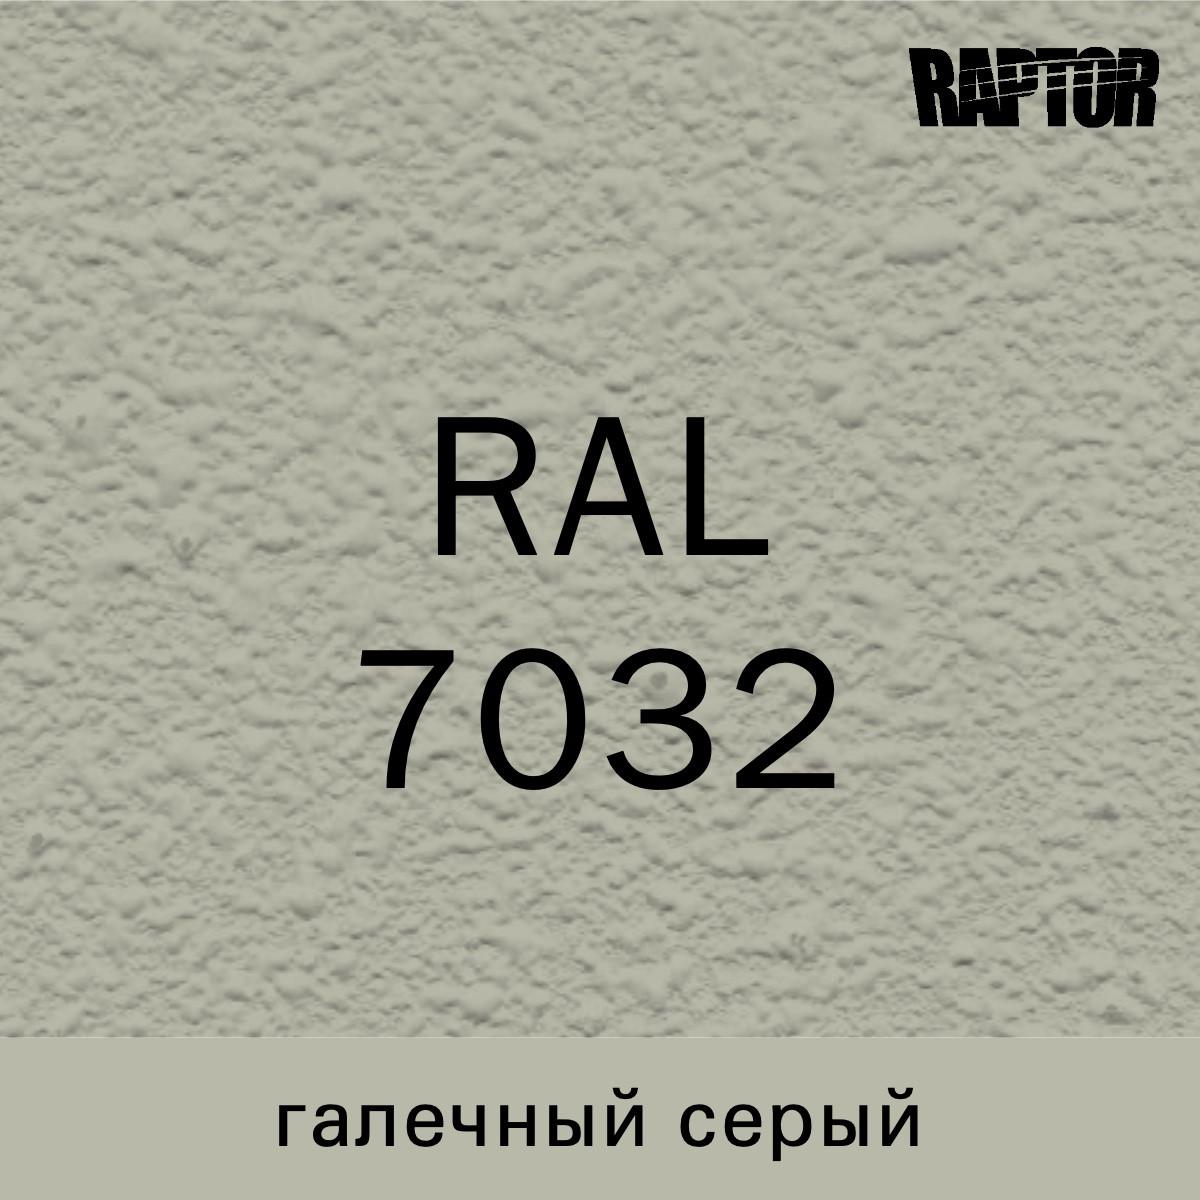 Пигмент для колеровки покрытия RAPTOR™ Галечный серый (RAL 7032)